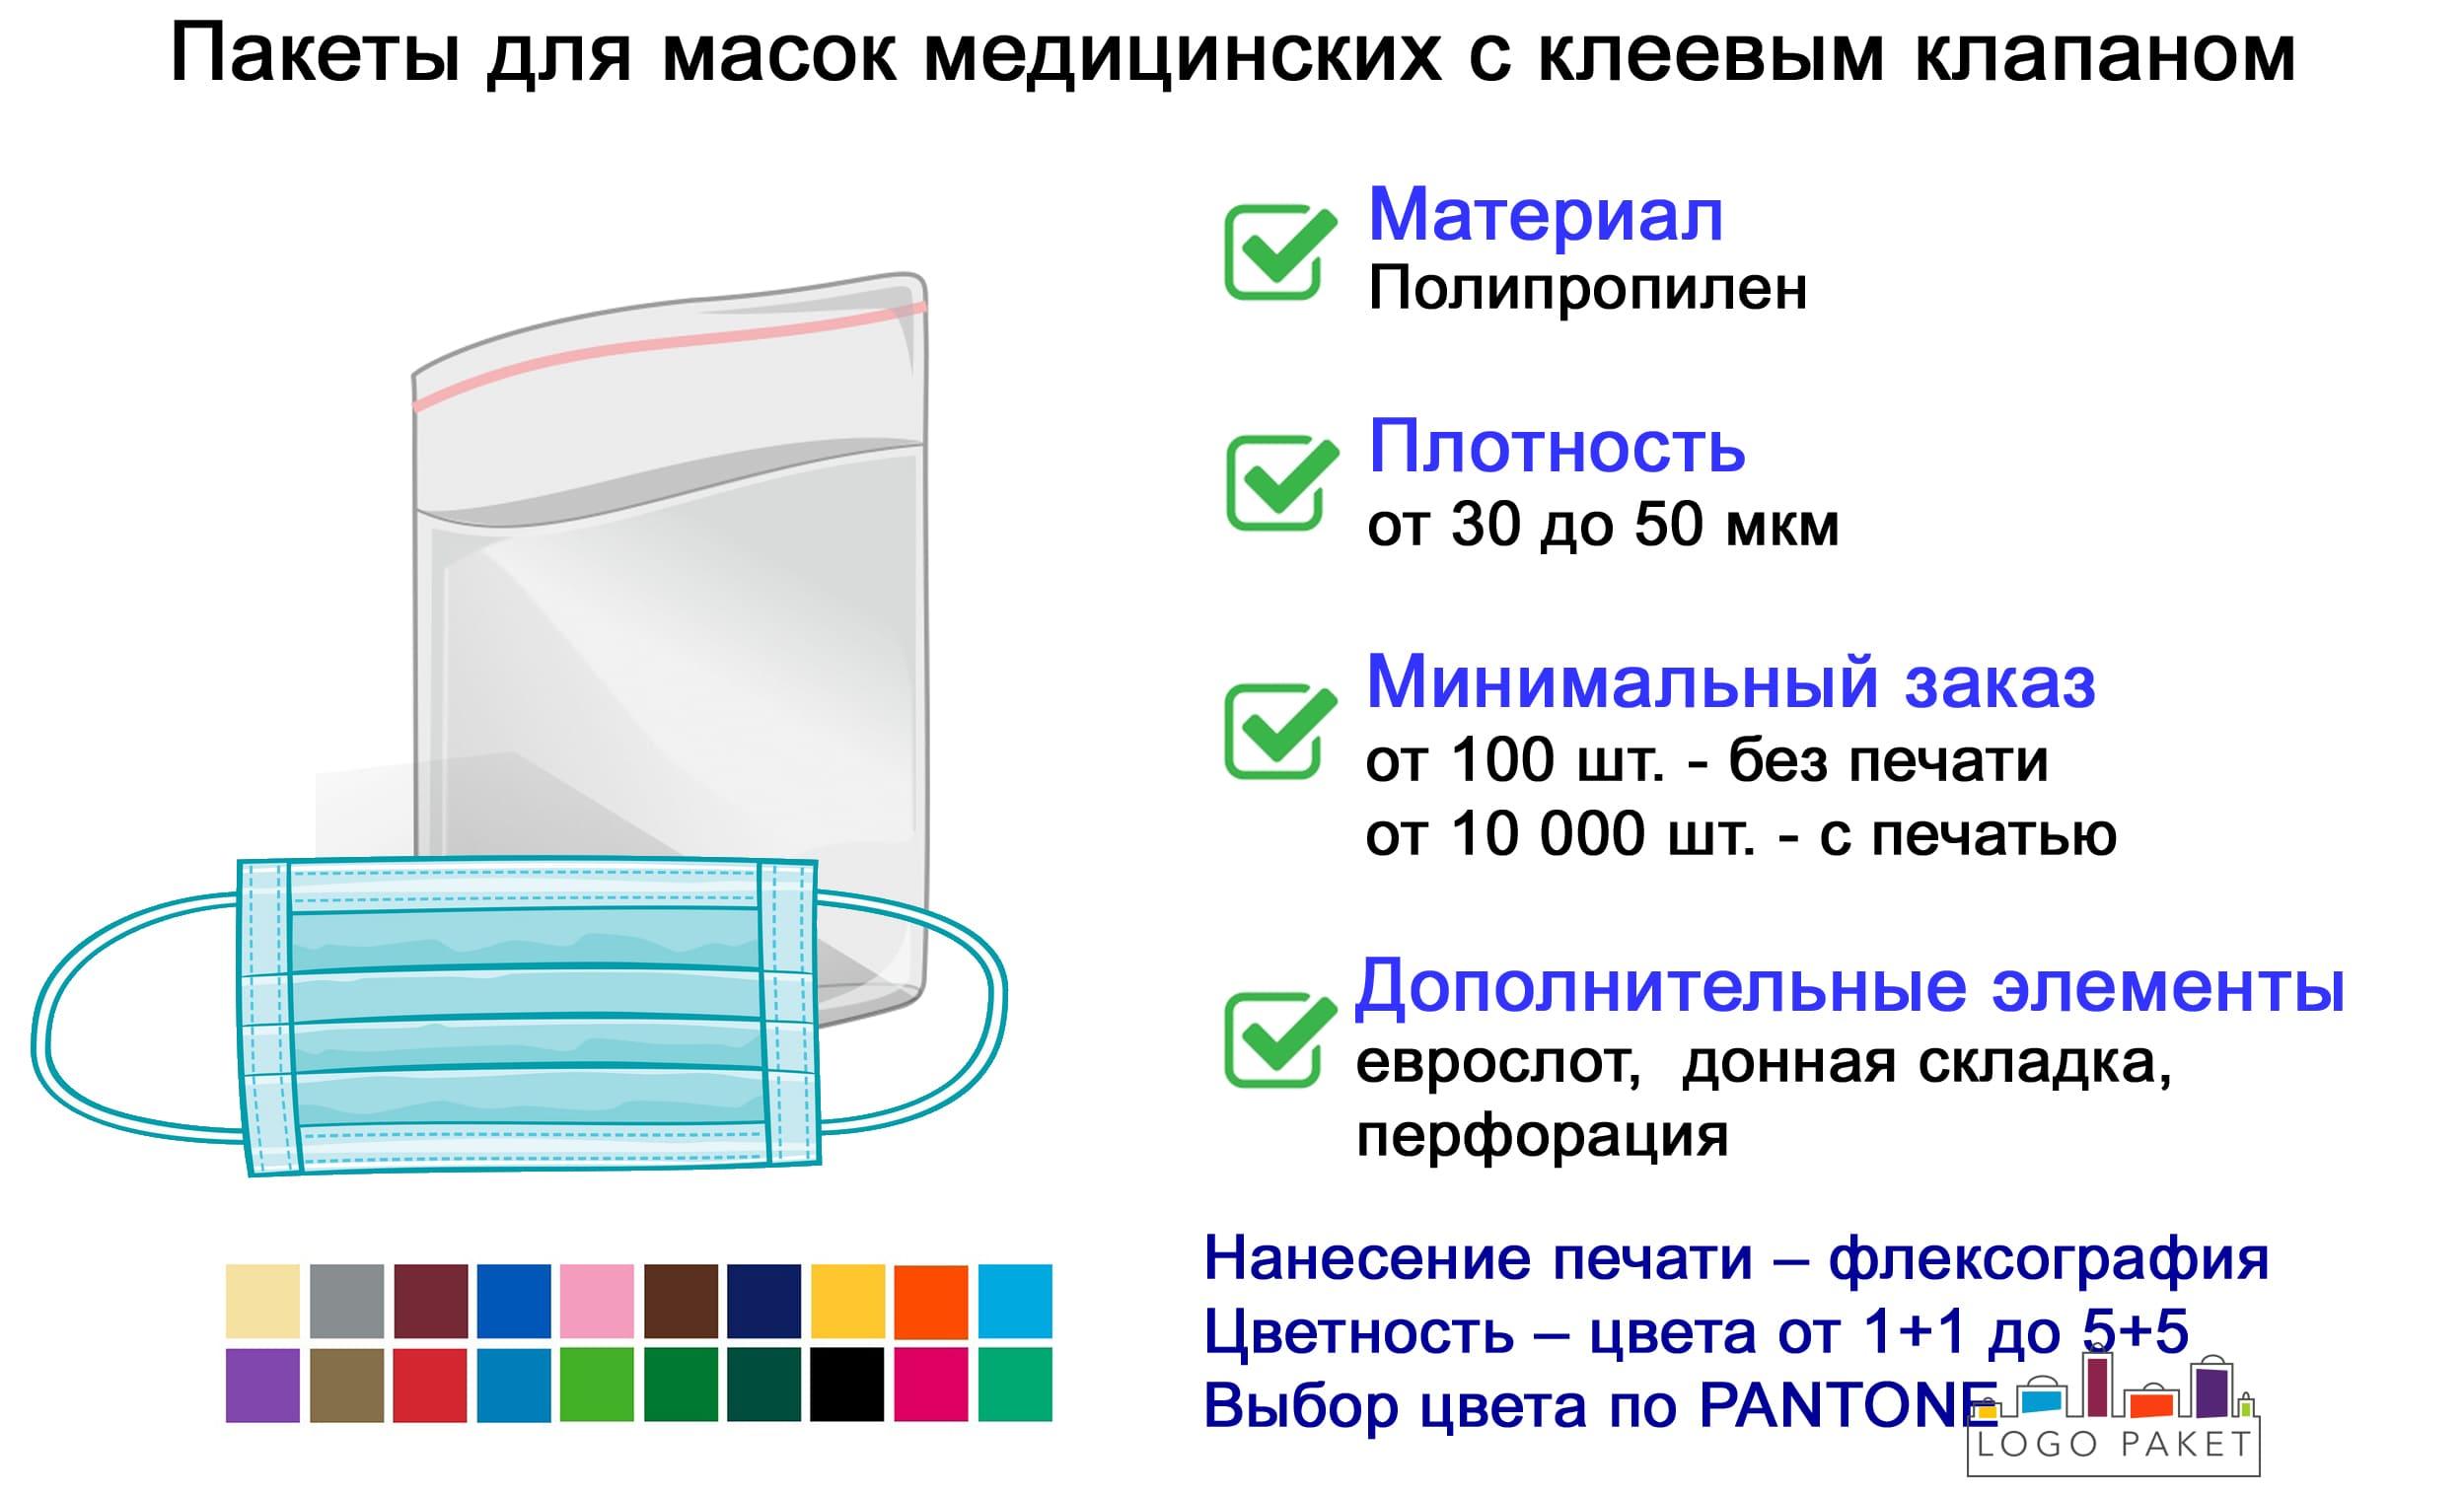 Пакеты для масок медицинских с клеевым клапаном инфографика